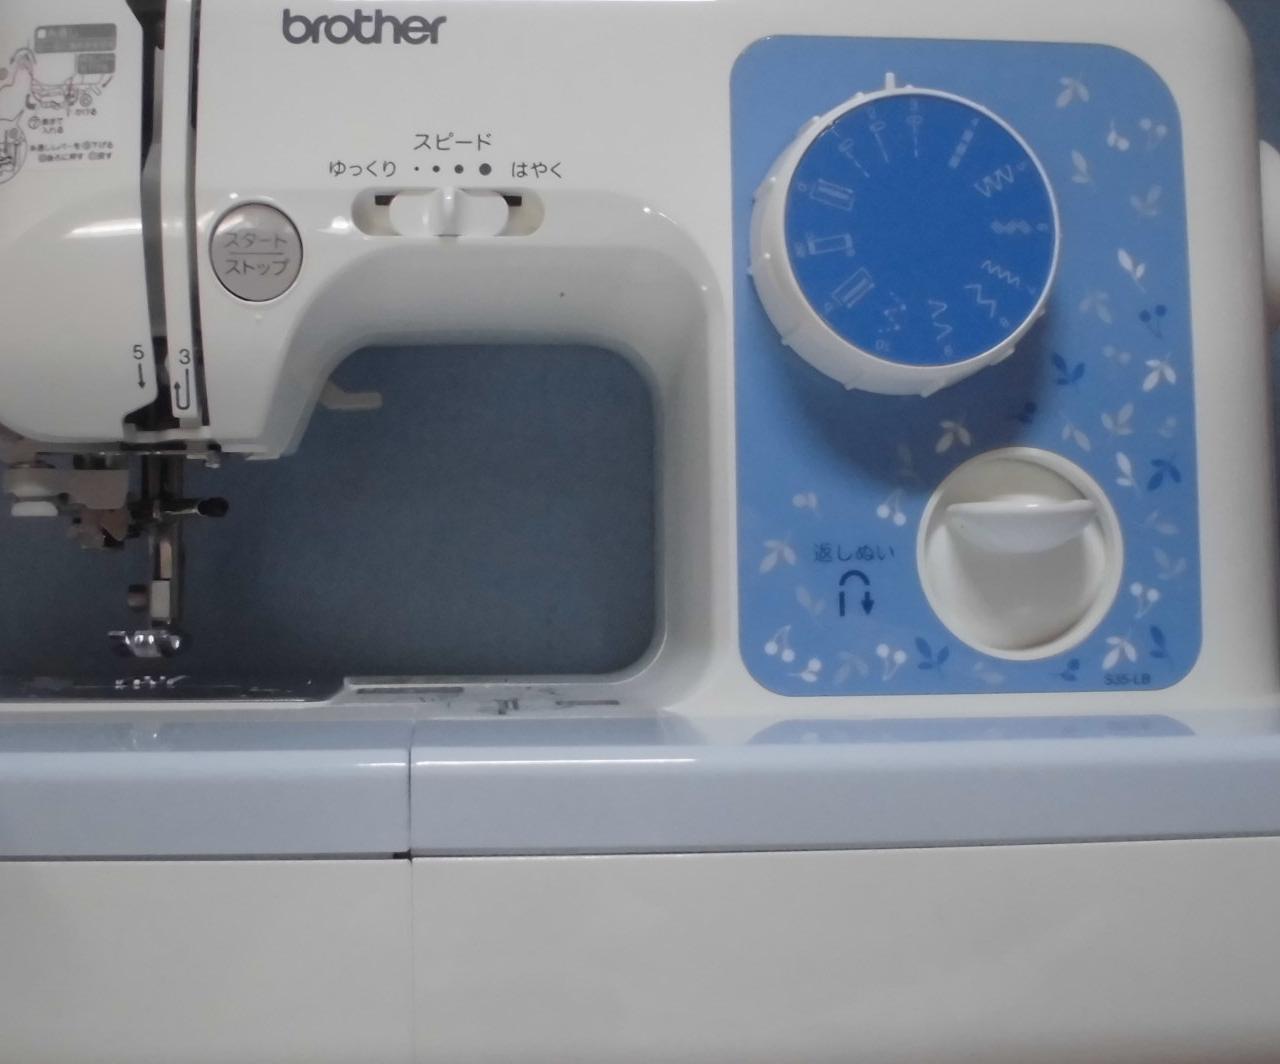 ブラザーミシンの修理|S35-LB(コンパクトミシン)|縫えない、針棒がぐらぐらする